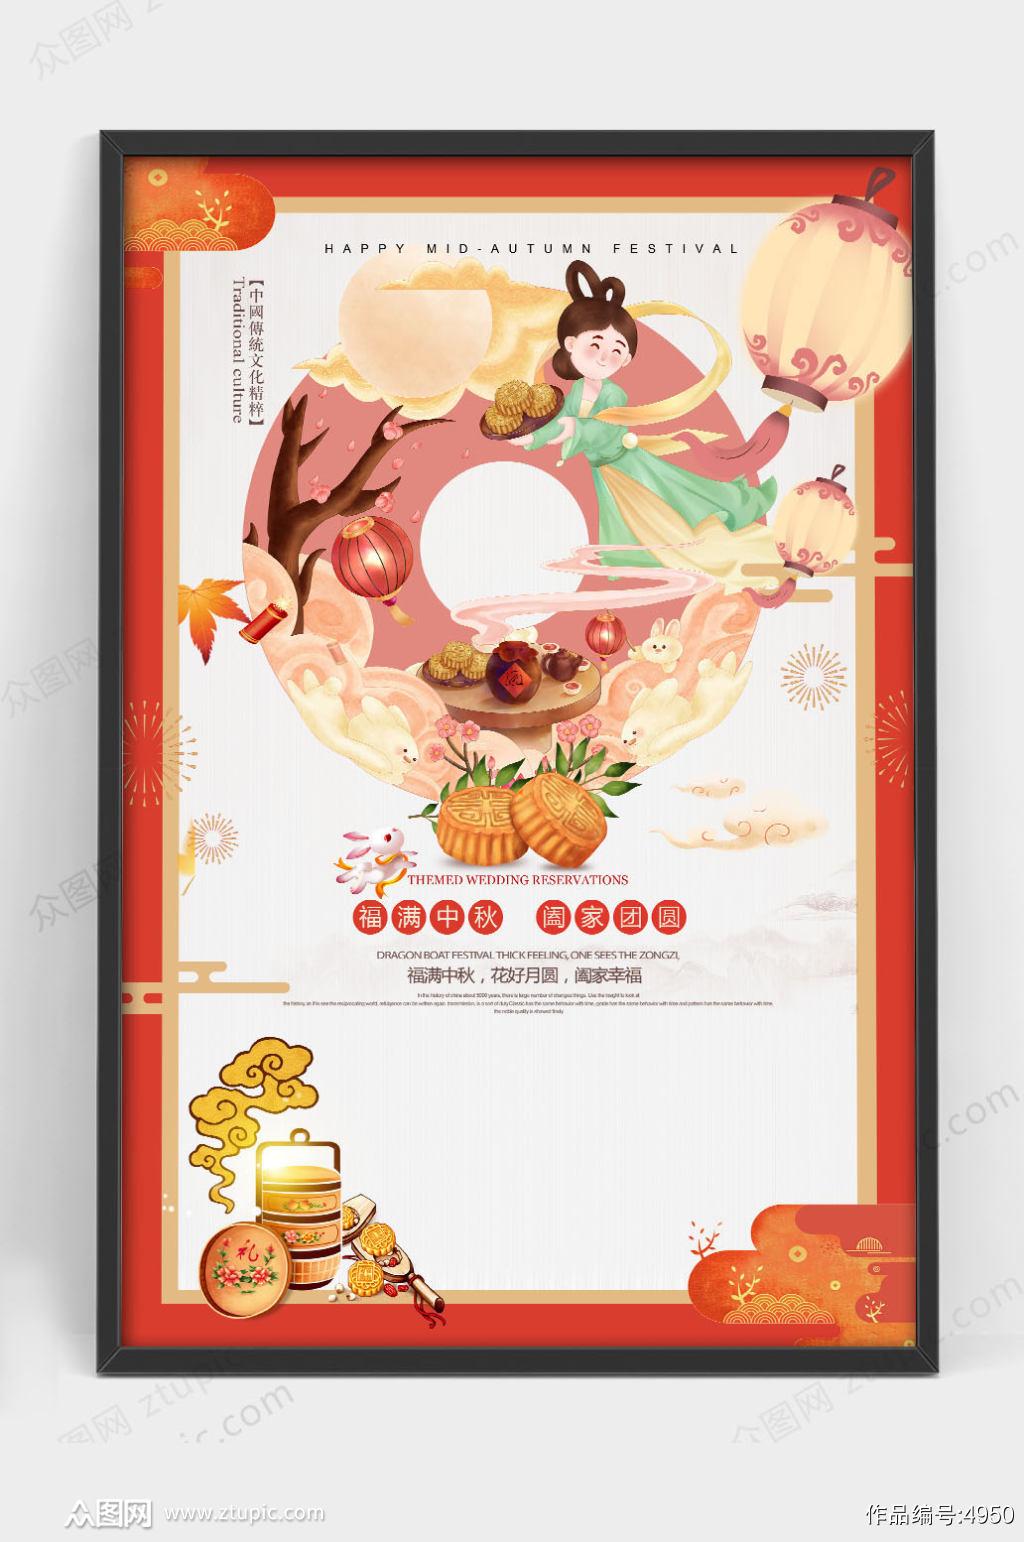 原创中秋节商业插画海报设计素材